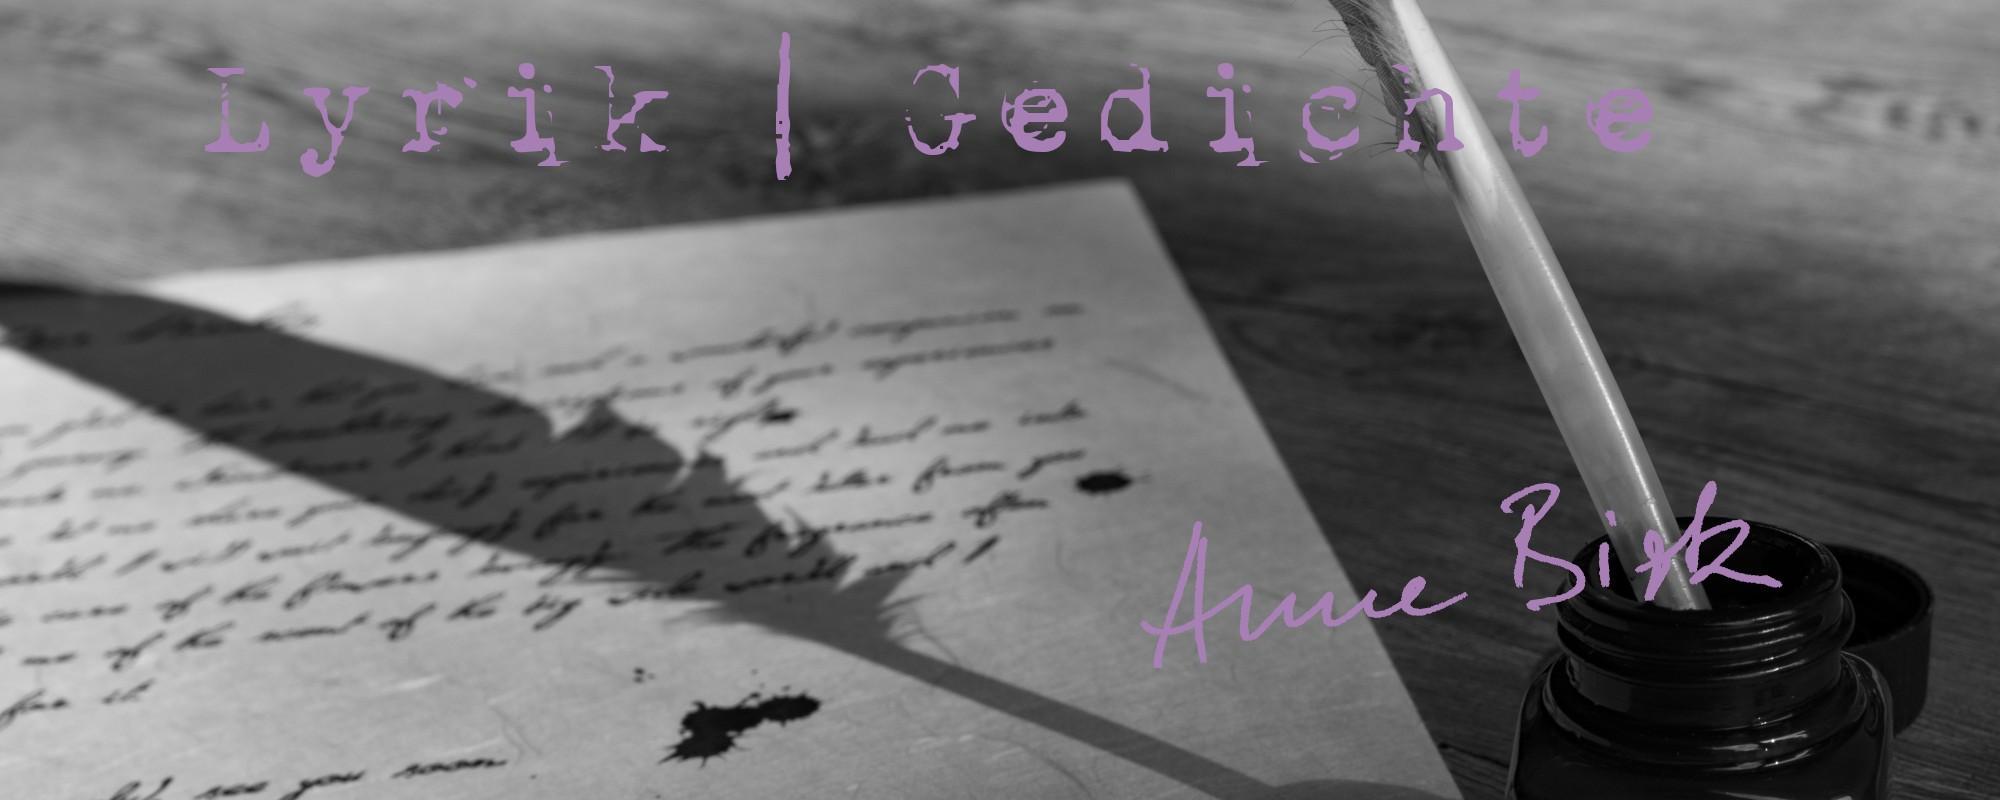 Anne-Birk-Lyrik-Gedichte